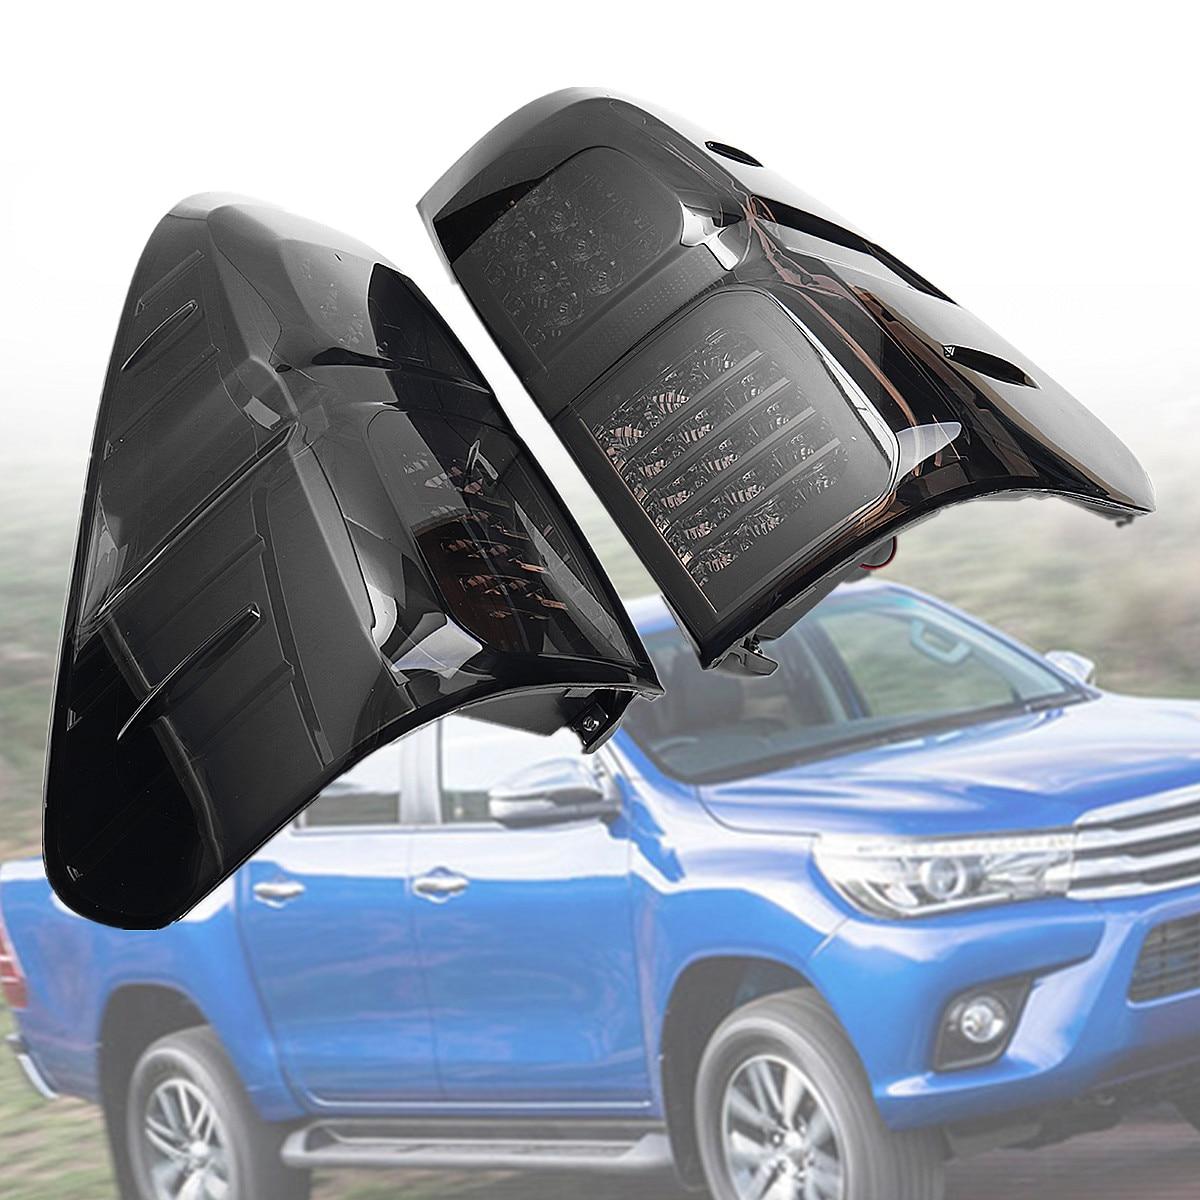 Для Toyota Hilux Vigo Revo 2016 2018 Копченый Прокат светодиодный сзади задние фонари стоп ABS 32x38 см легко установить